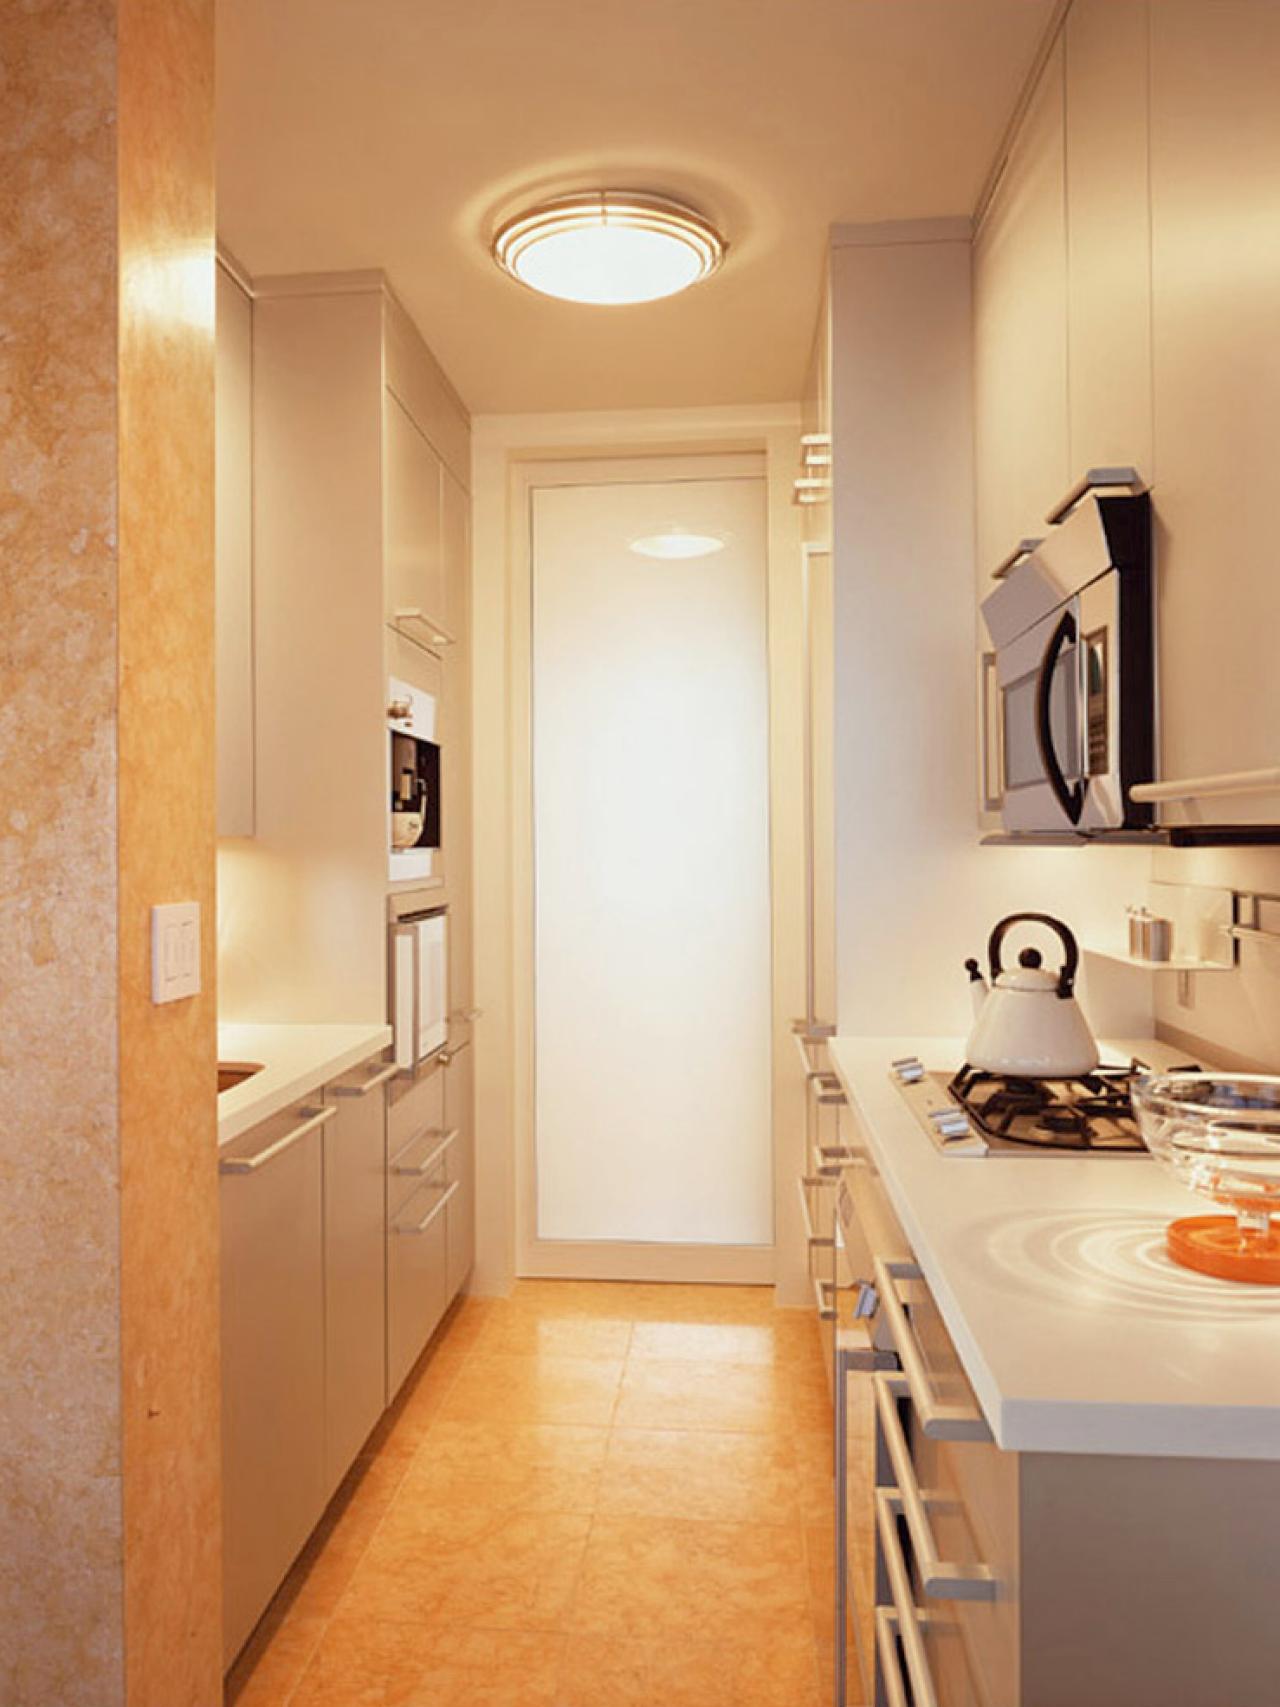 dp_berliner-blanc-cuisine-cuisine_s3x4-jpg-rend-hgtvcom-1280-1707